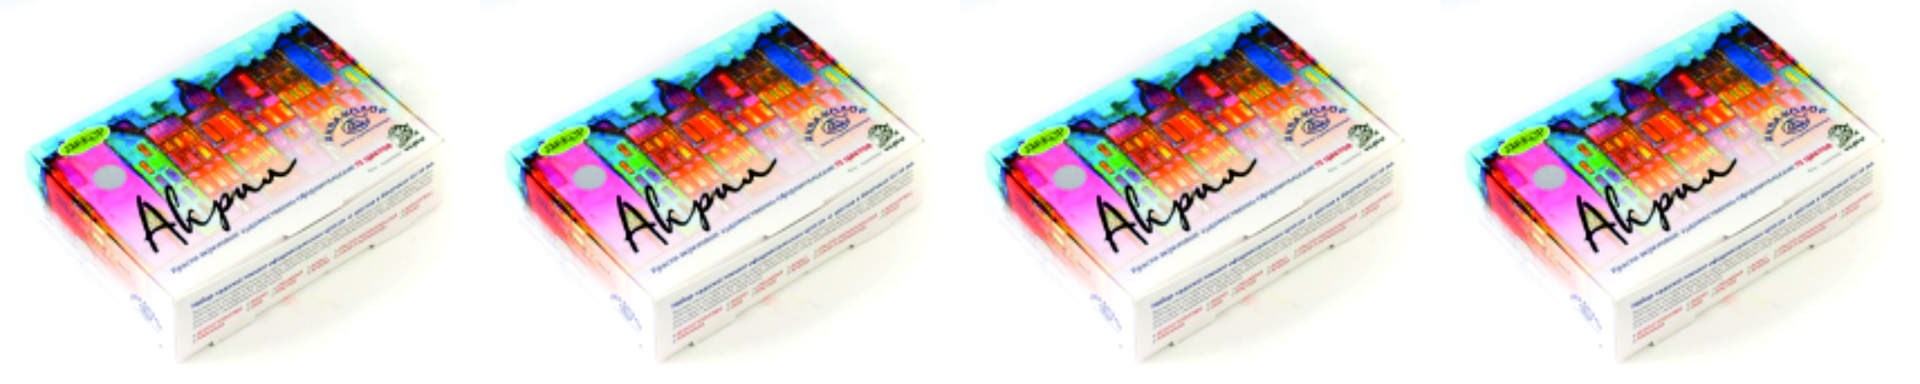 Набор акриловых красок: 12 цветов - фото 5002